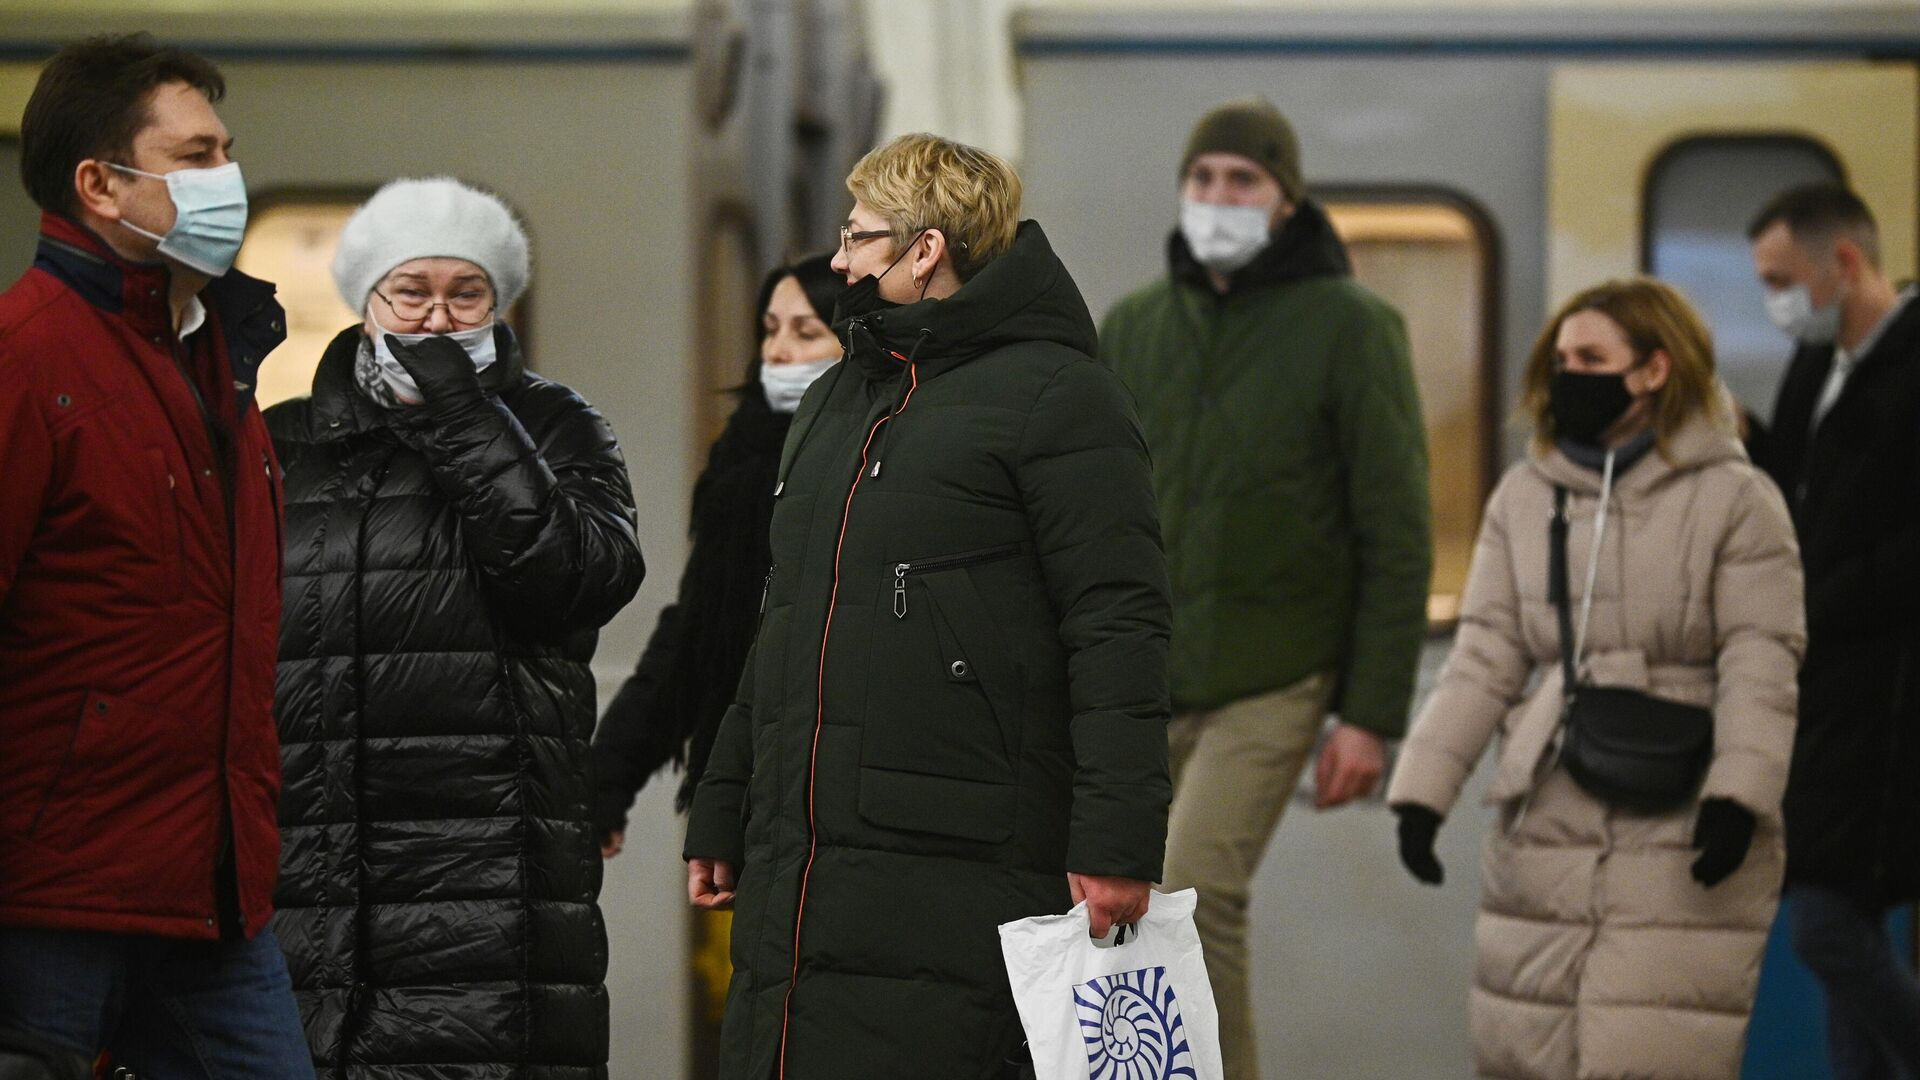 Пассажиры в защитных масках на одной из станций Московского метрополитена - РИА Новости, 1920, 26.11.2020